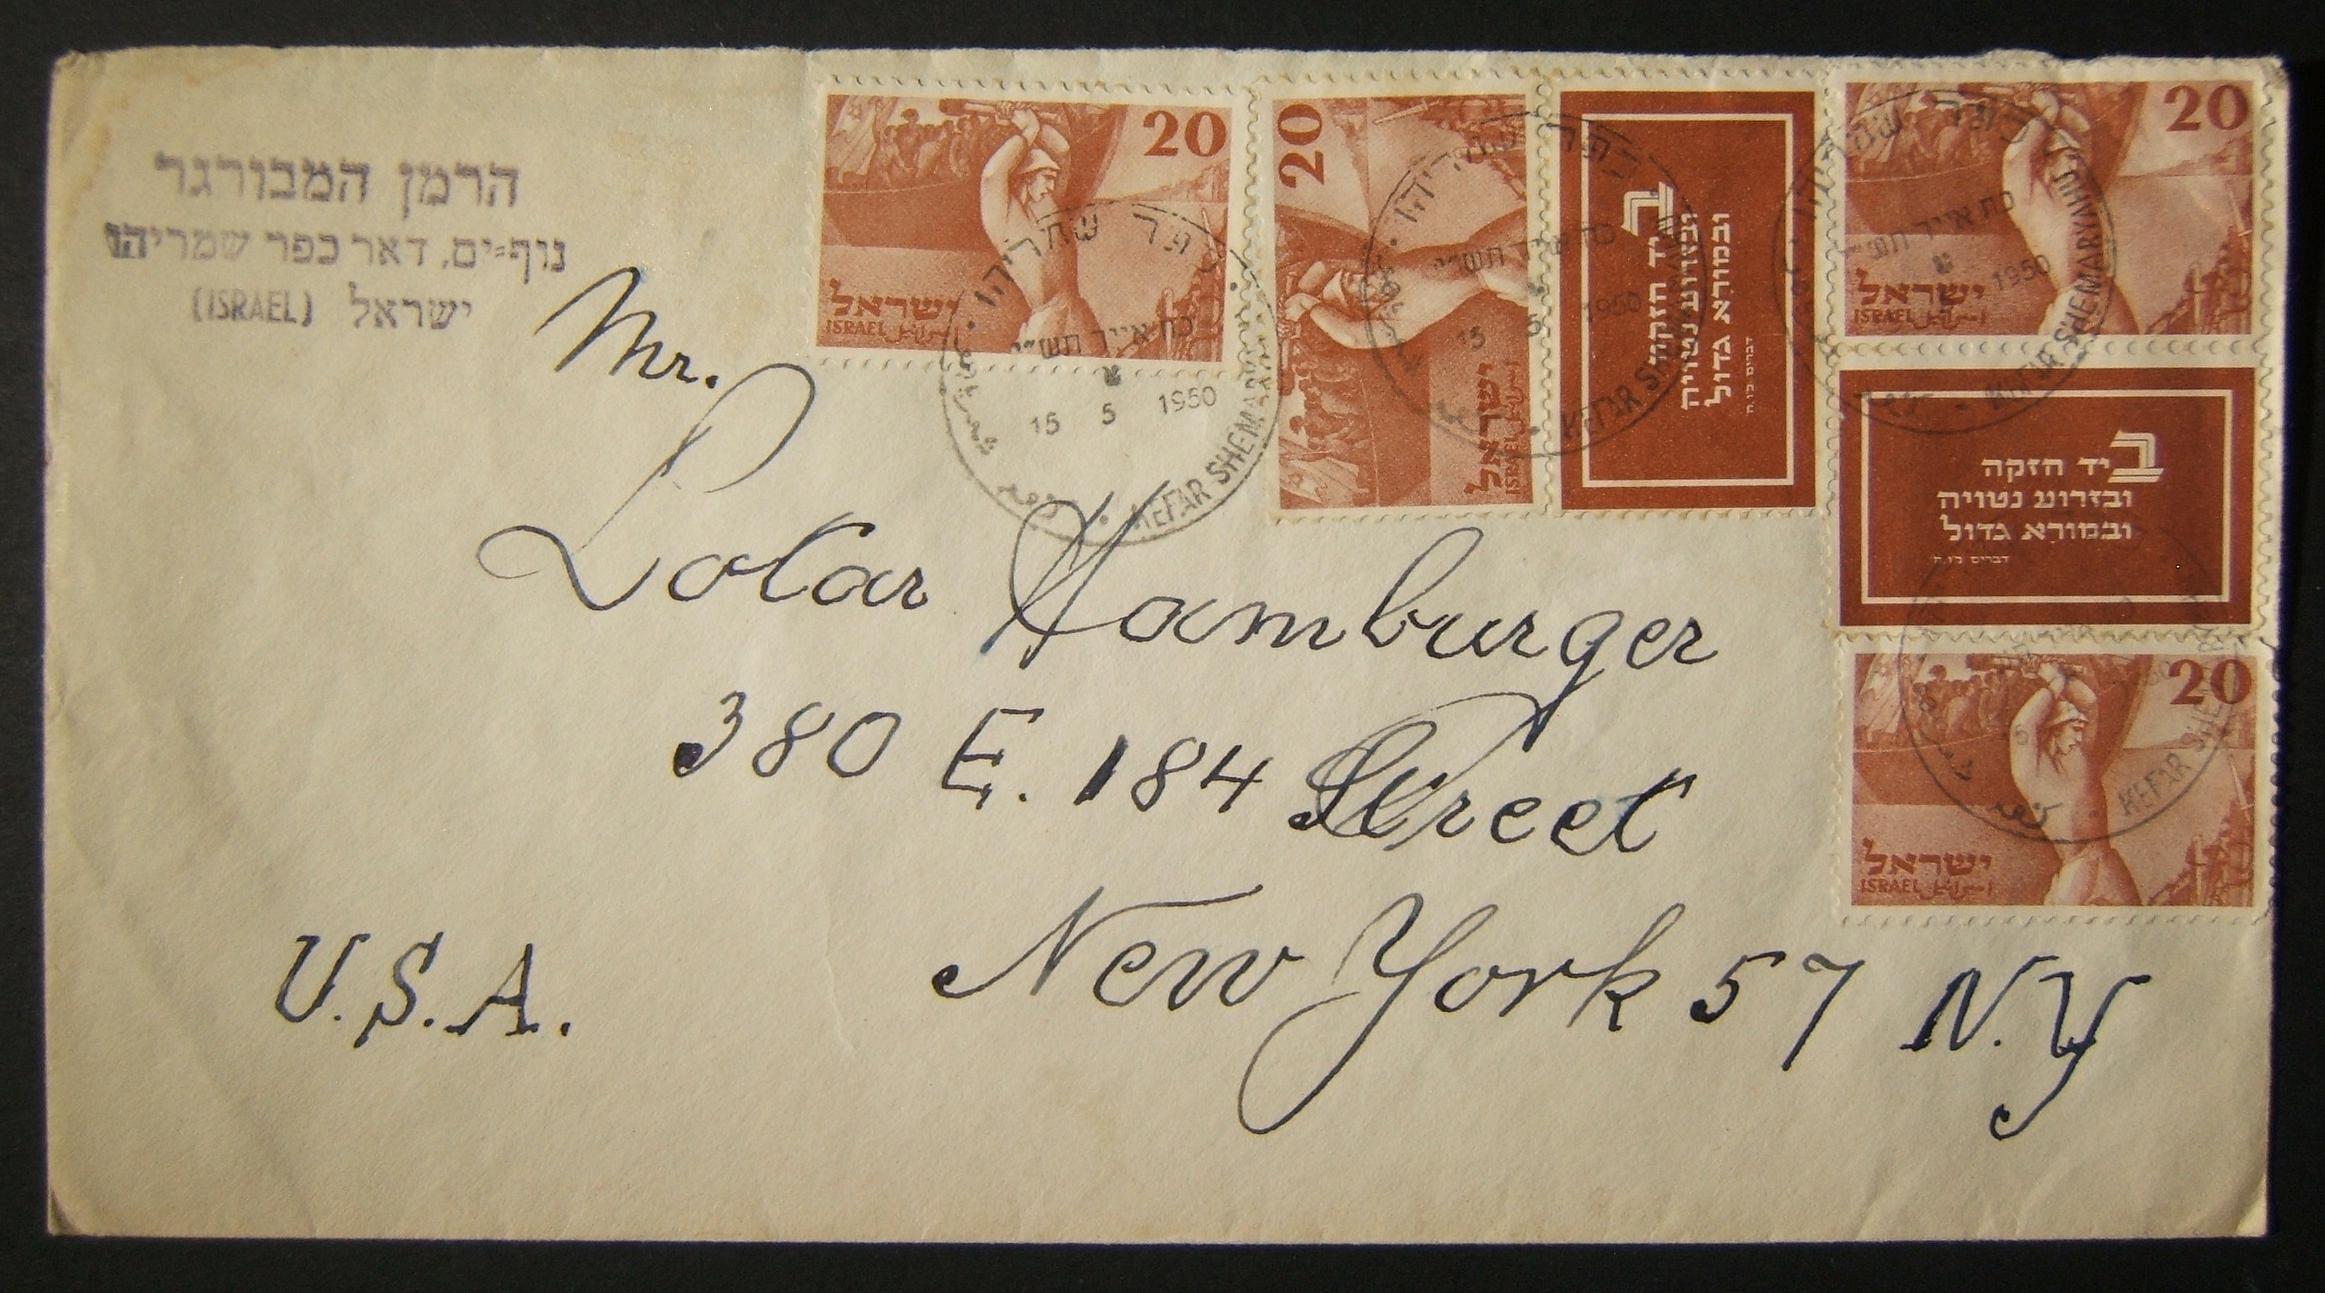 5/1950 דואר אלקטרוני מרובה לאמריקה עם 2x חצי לשוניות 20Pr חותמות העצמאות